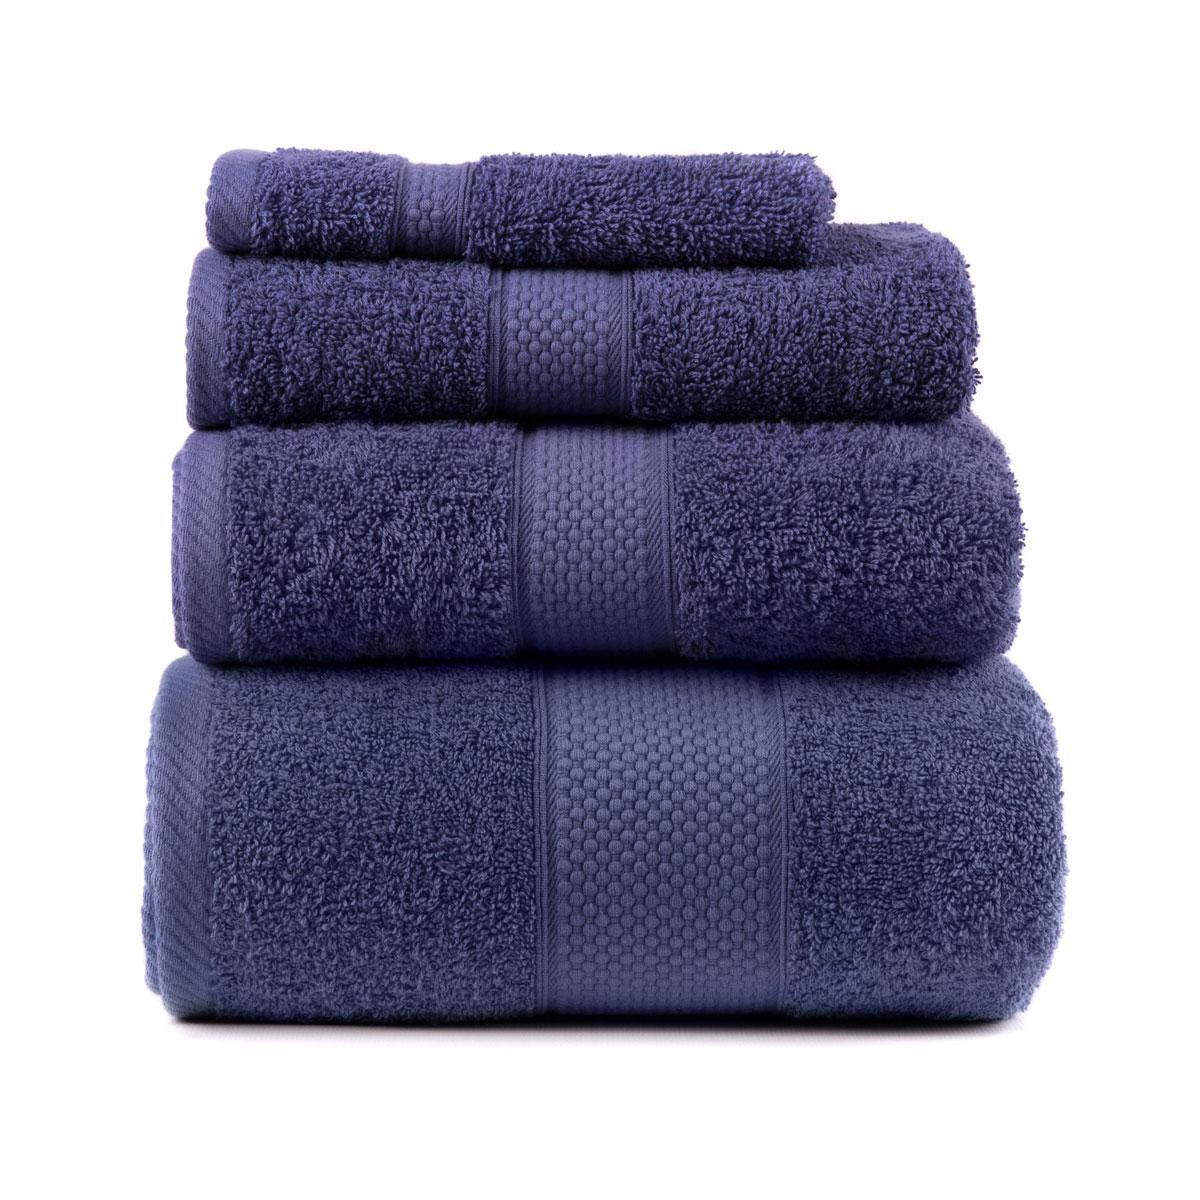 Полотенце для тела Arya Miranda Soft 100*150 см махровое банное голубое арт.TR1002480